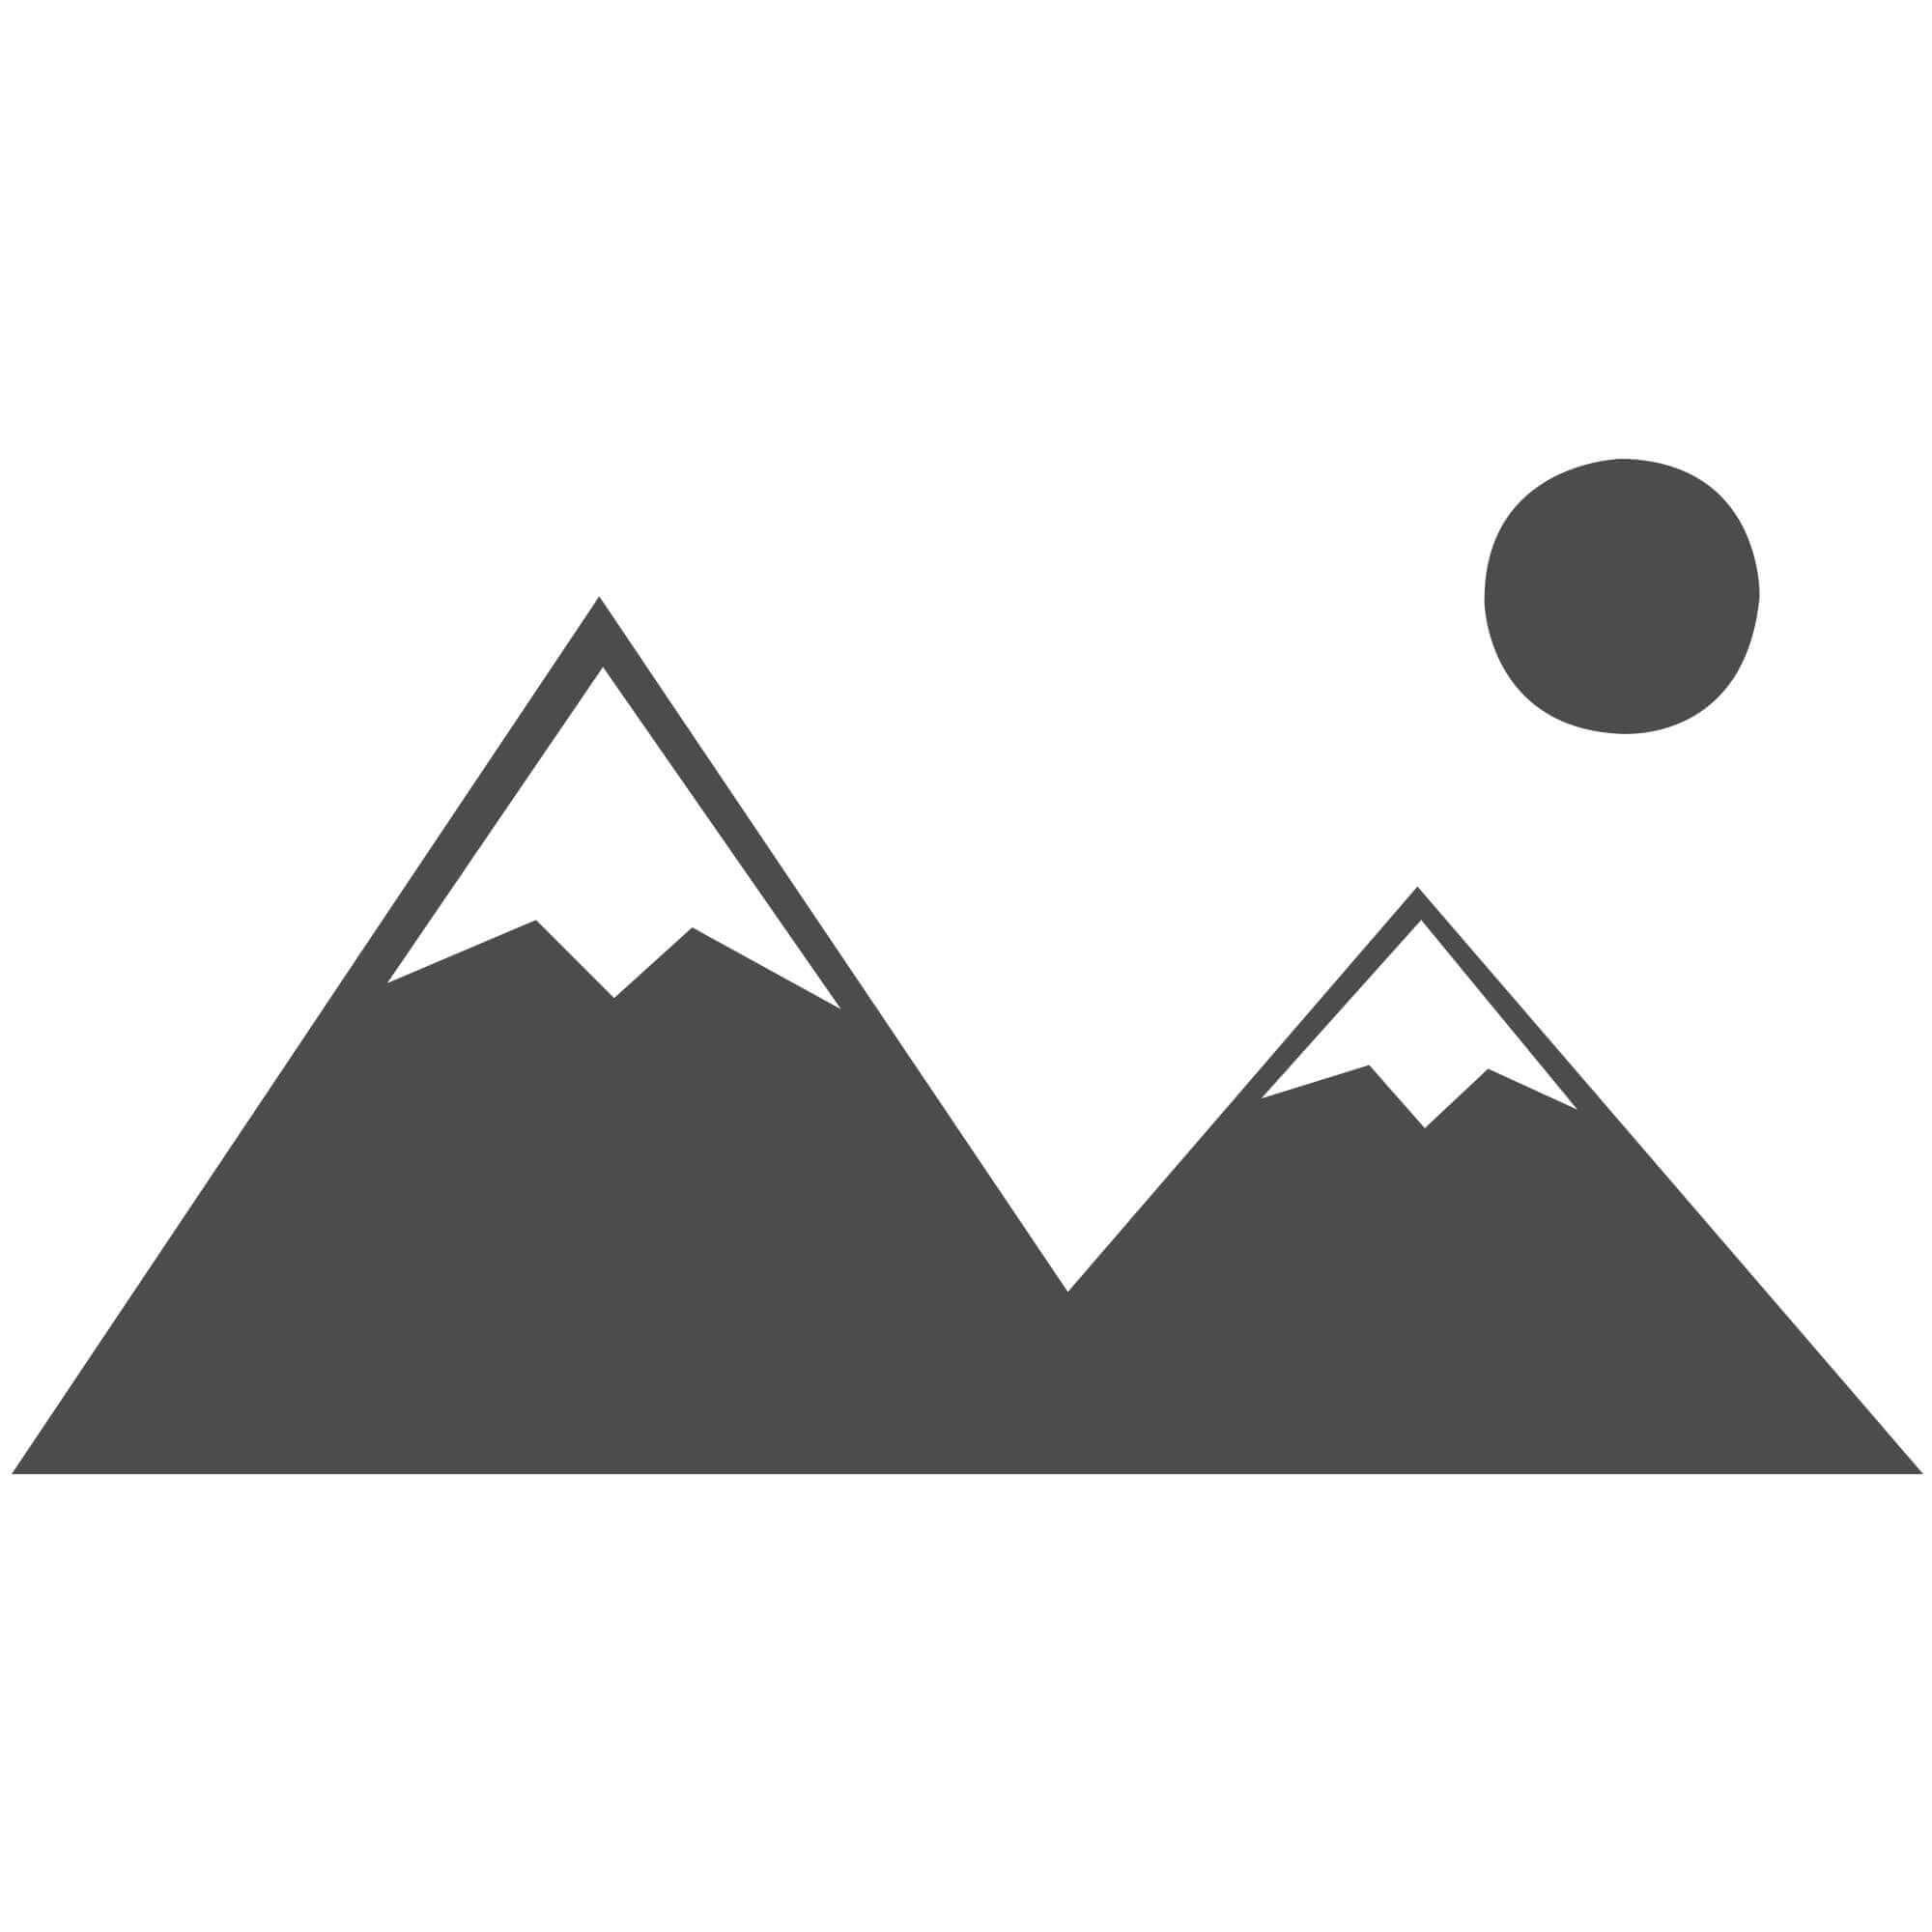 """Velvet 3D Diamonds Rug - Silver Ochre - Size 80 x 150 cm (2'8"""" x 5')"""